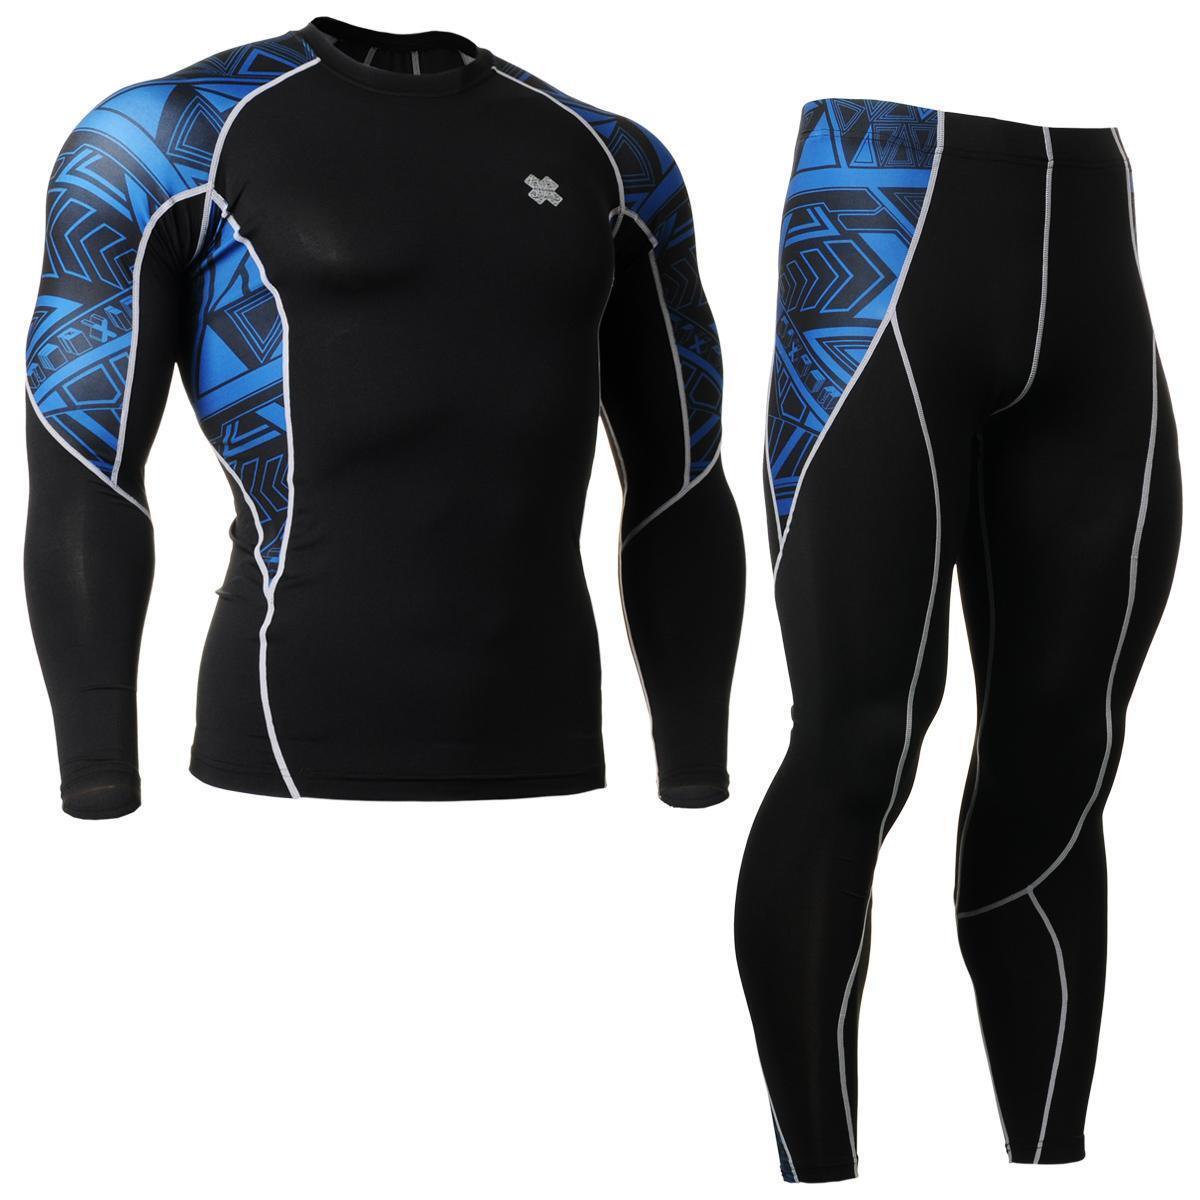 FIXGEAR C2L P2L-B1 Compression Shirts & Pants Set Sportswear MMA Training Gym